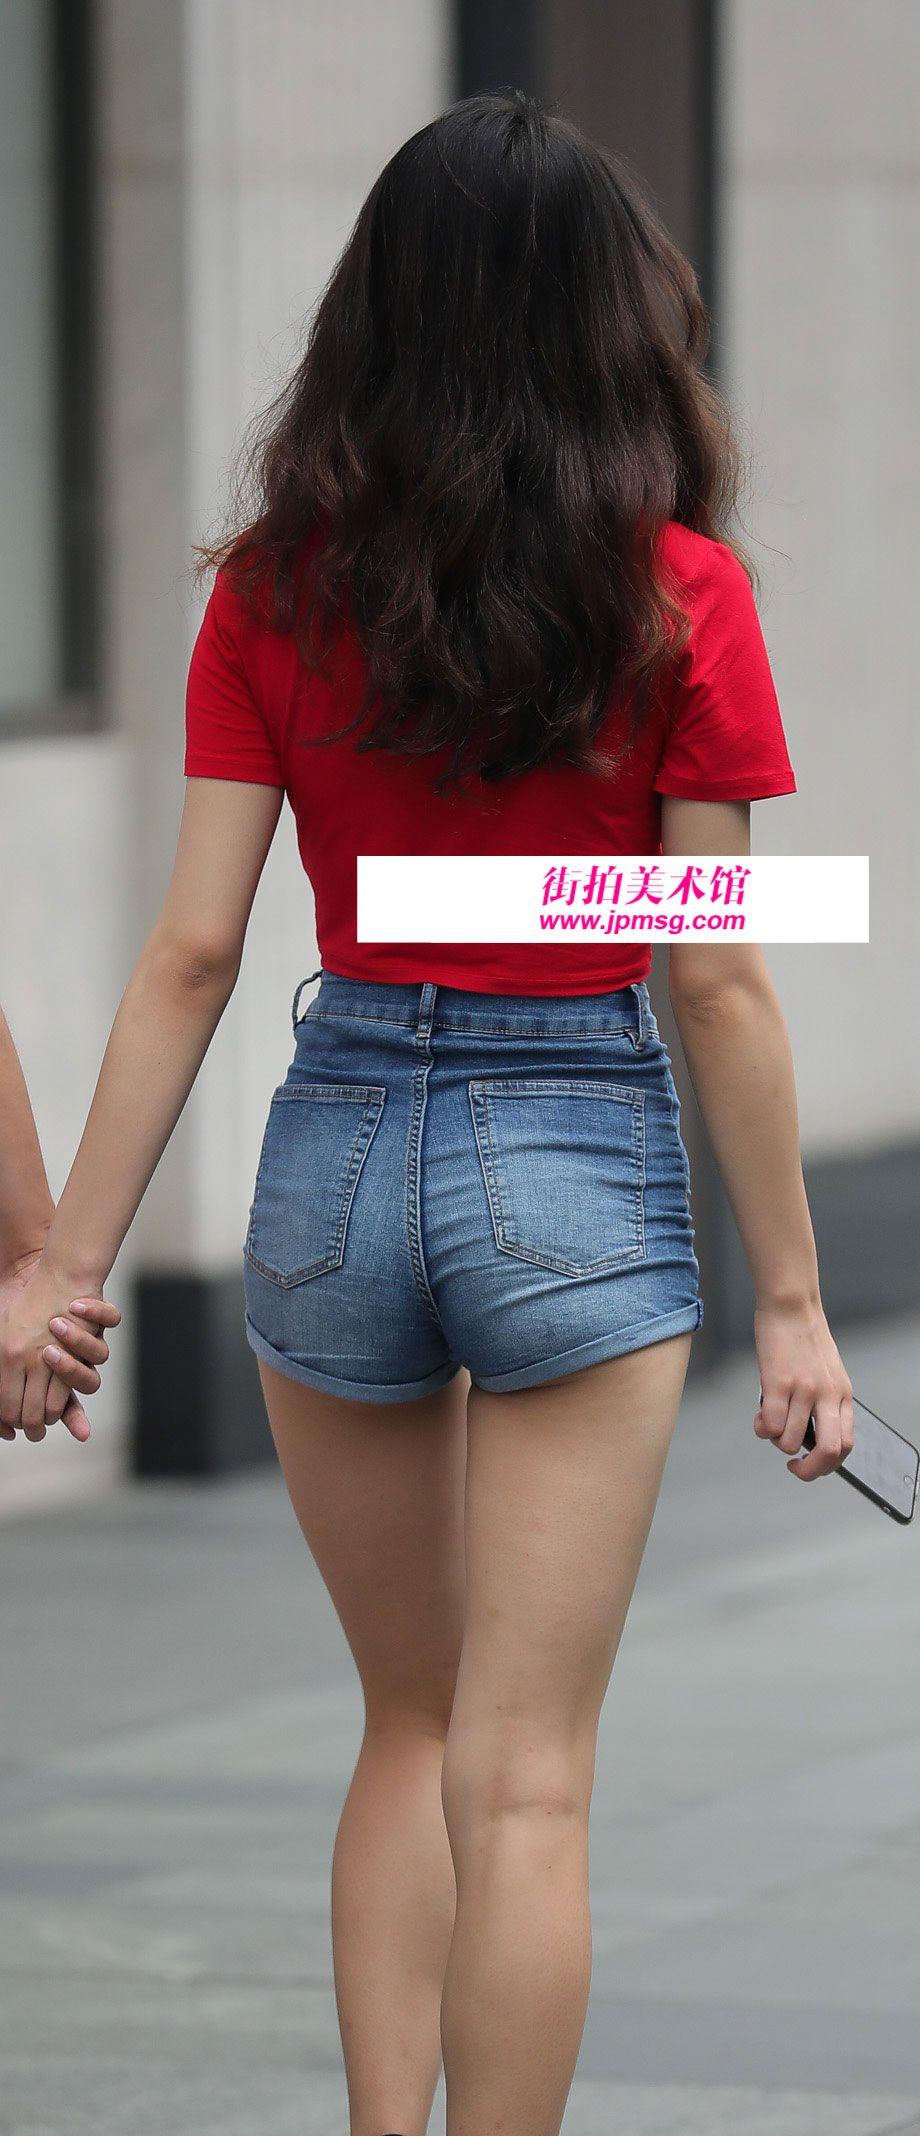 Ass women wifes korean cums